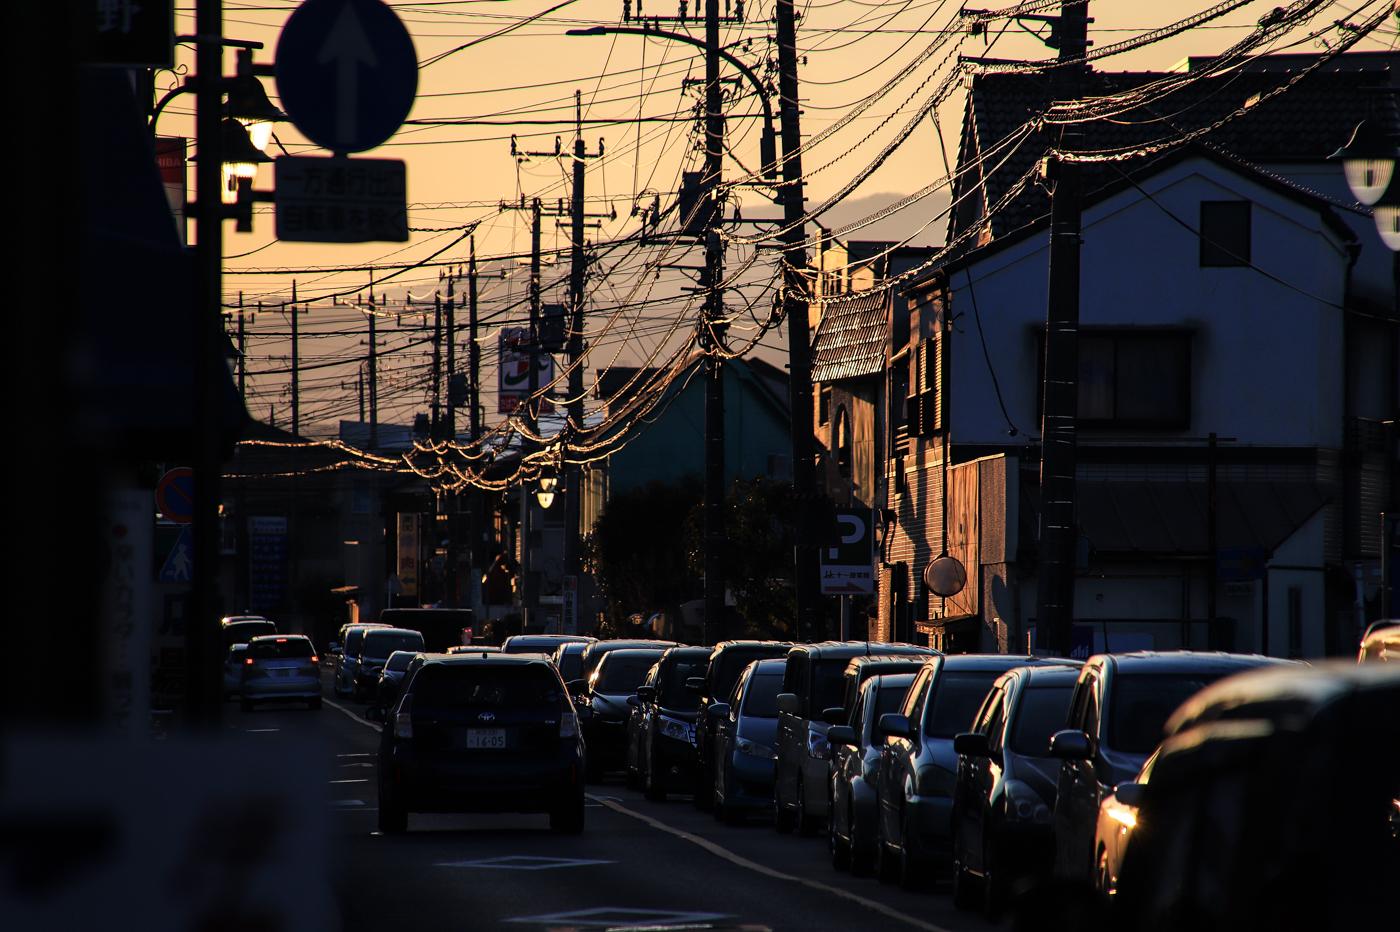 tokyo-28.jpg